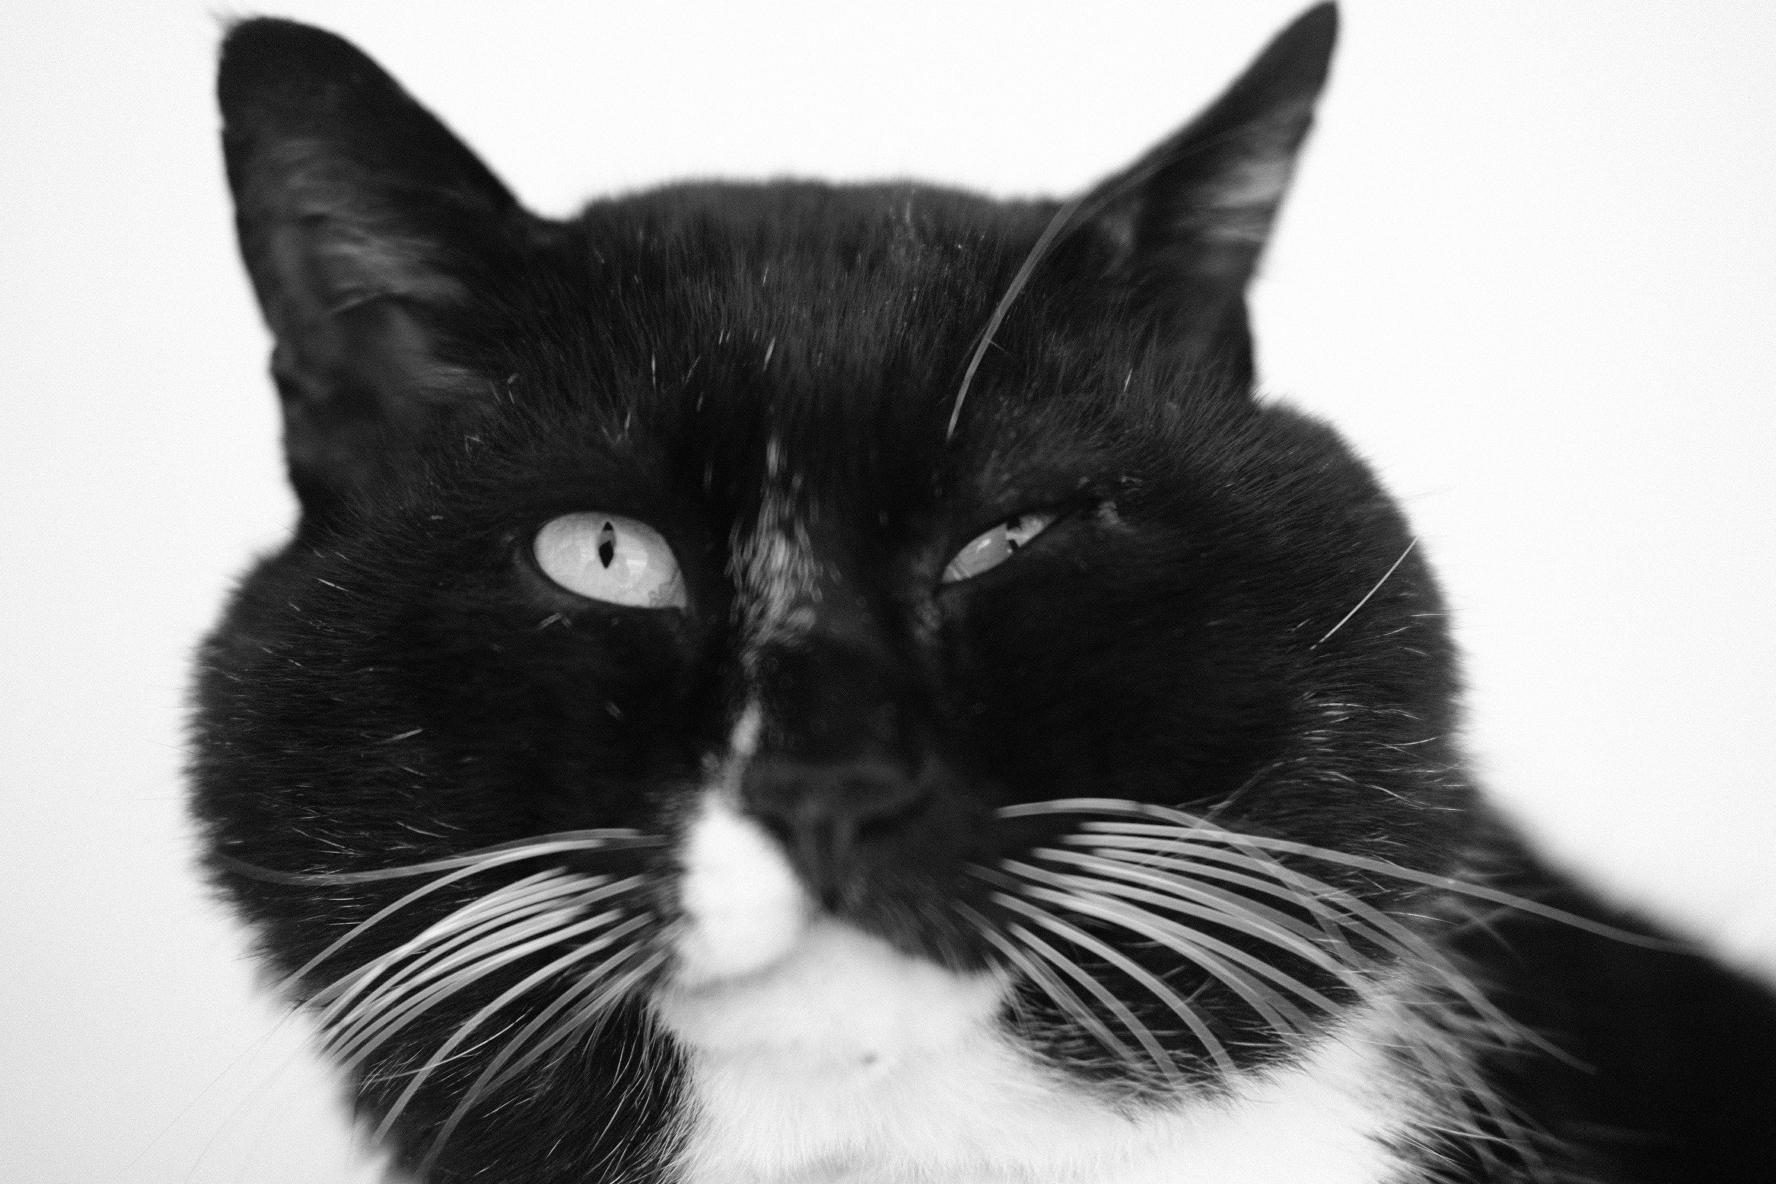 佐柳島のネコはよい展